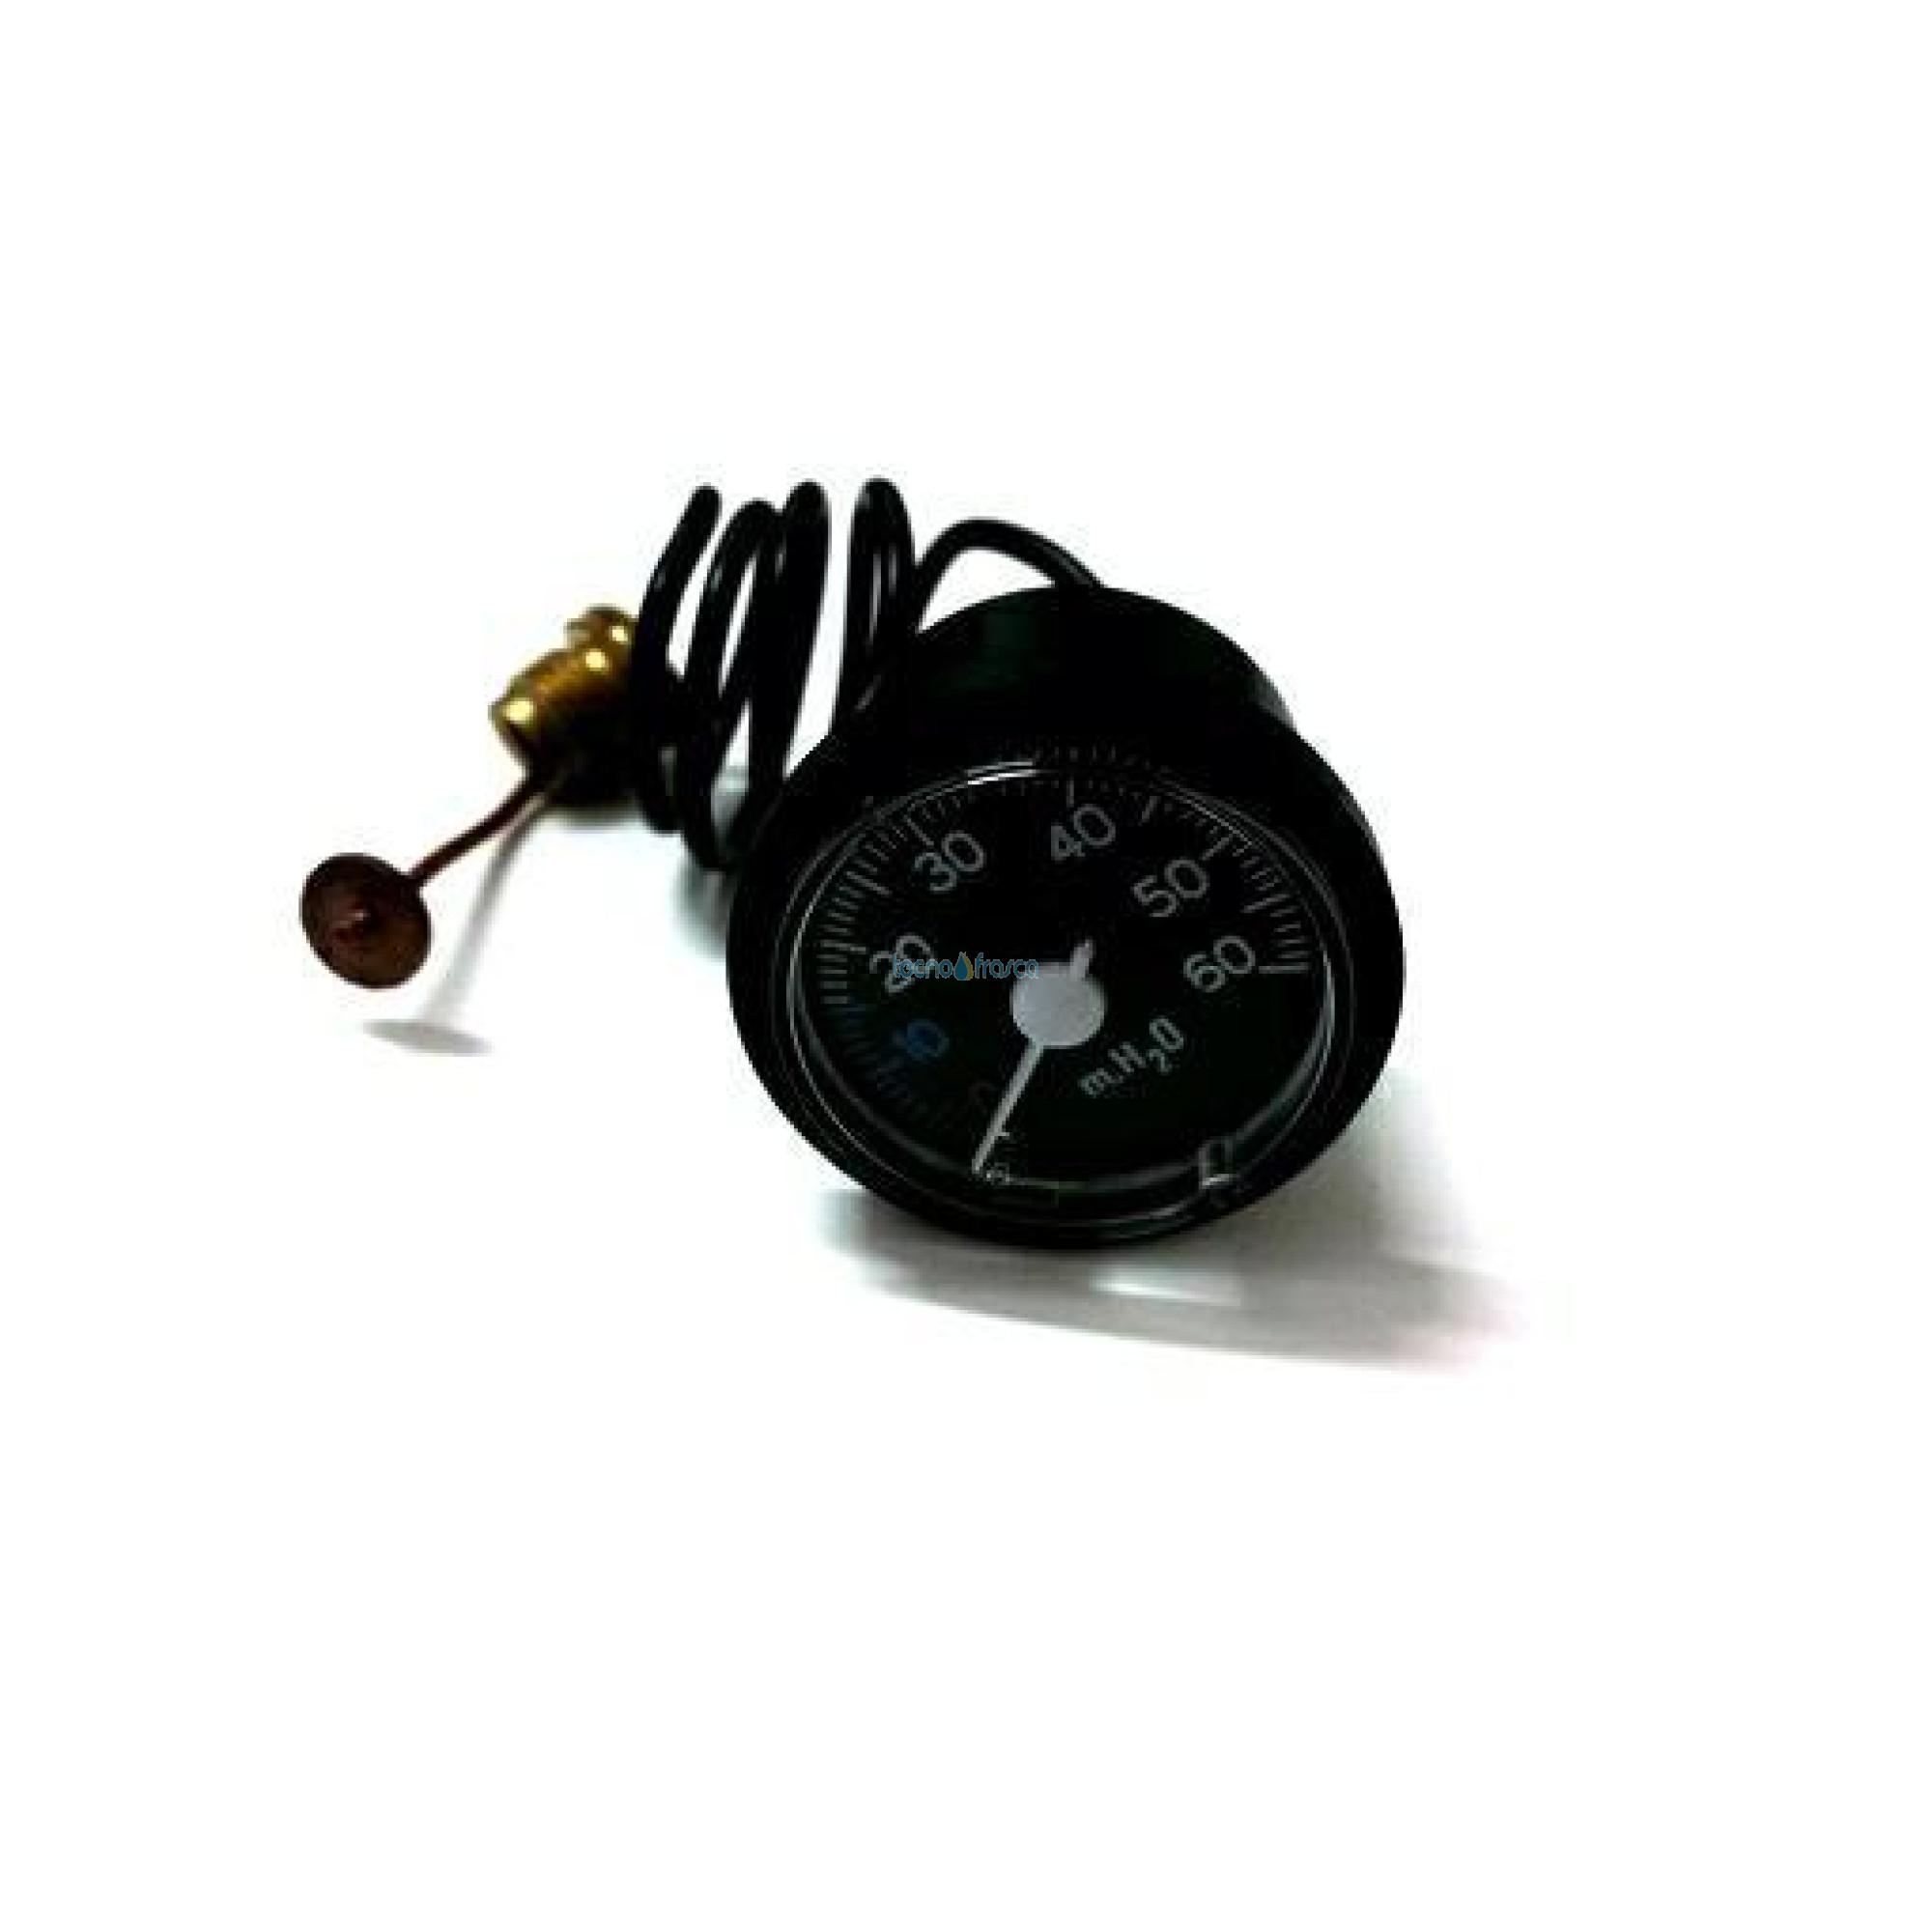 Beretta idrometro R4472